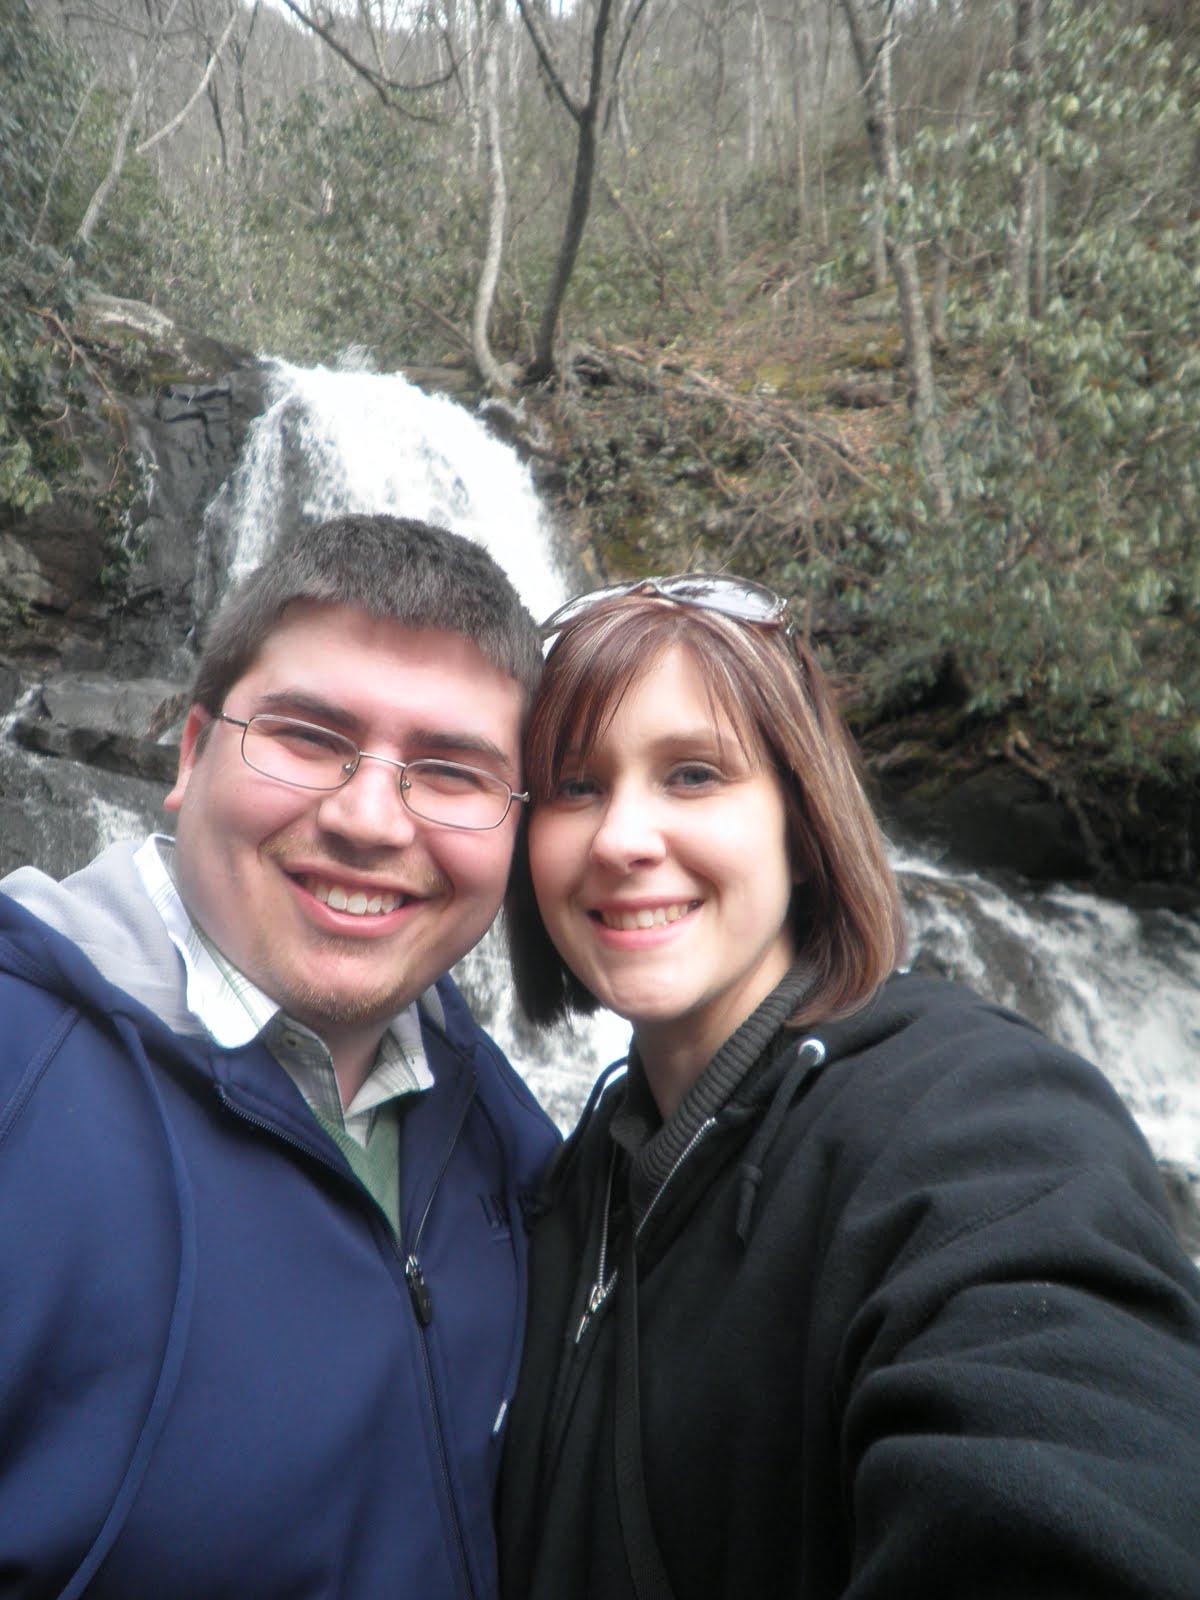 Kevin + Sarah